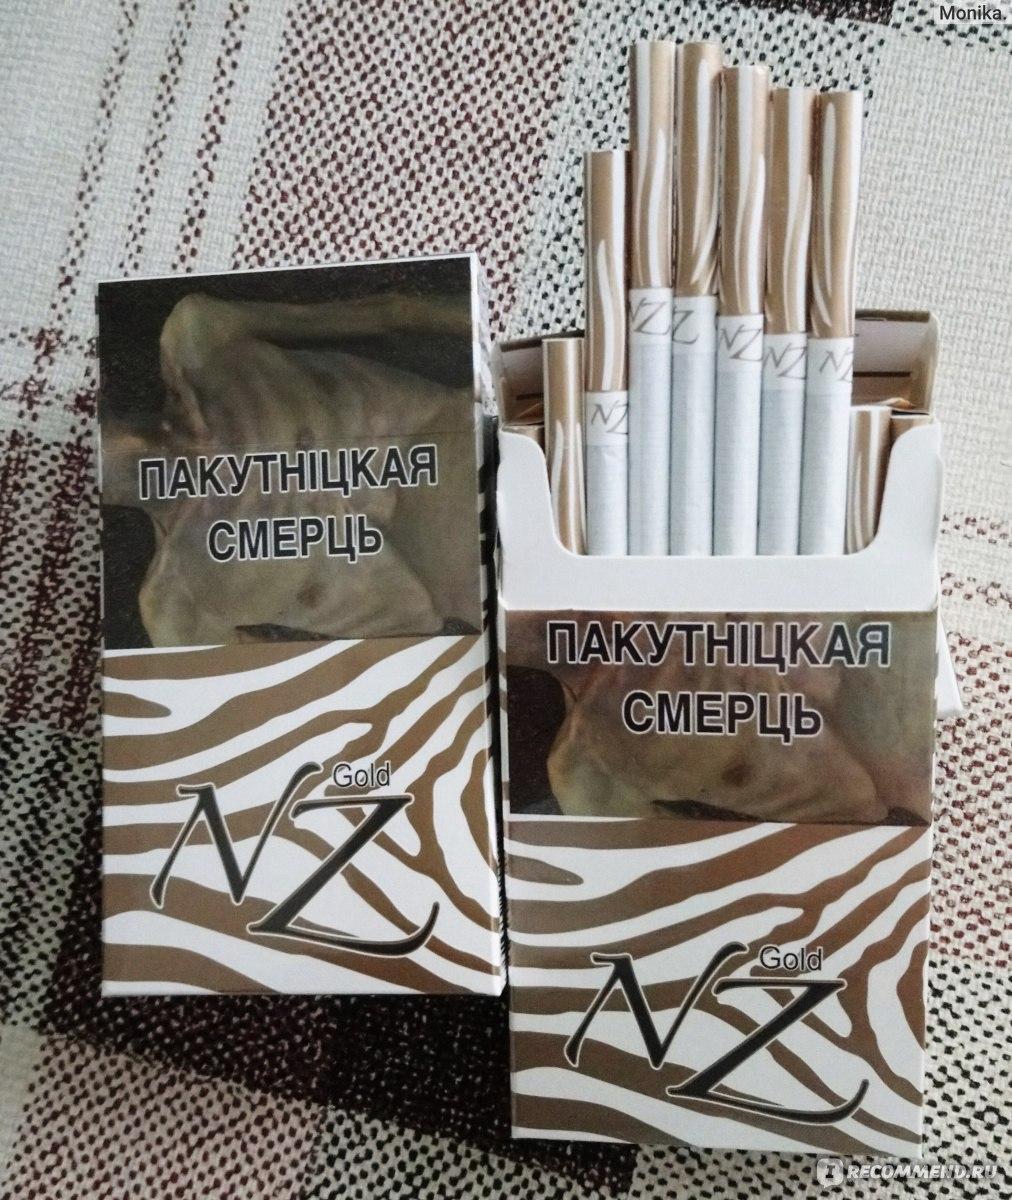 Nz сигареты купить в омске nz black power сигареты купить в москве